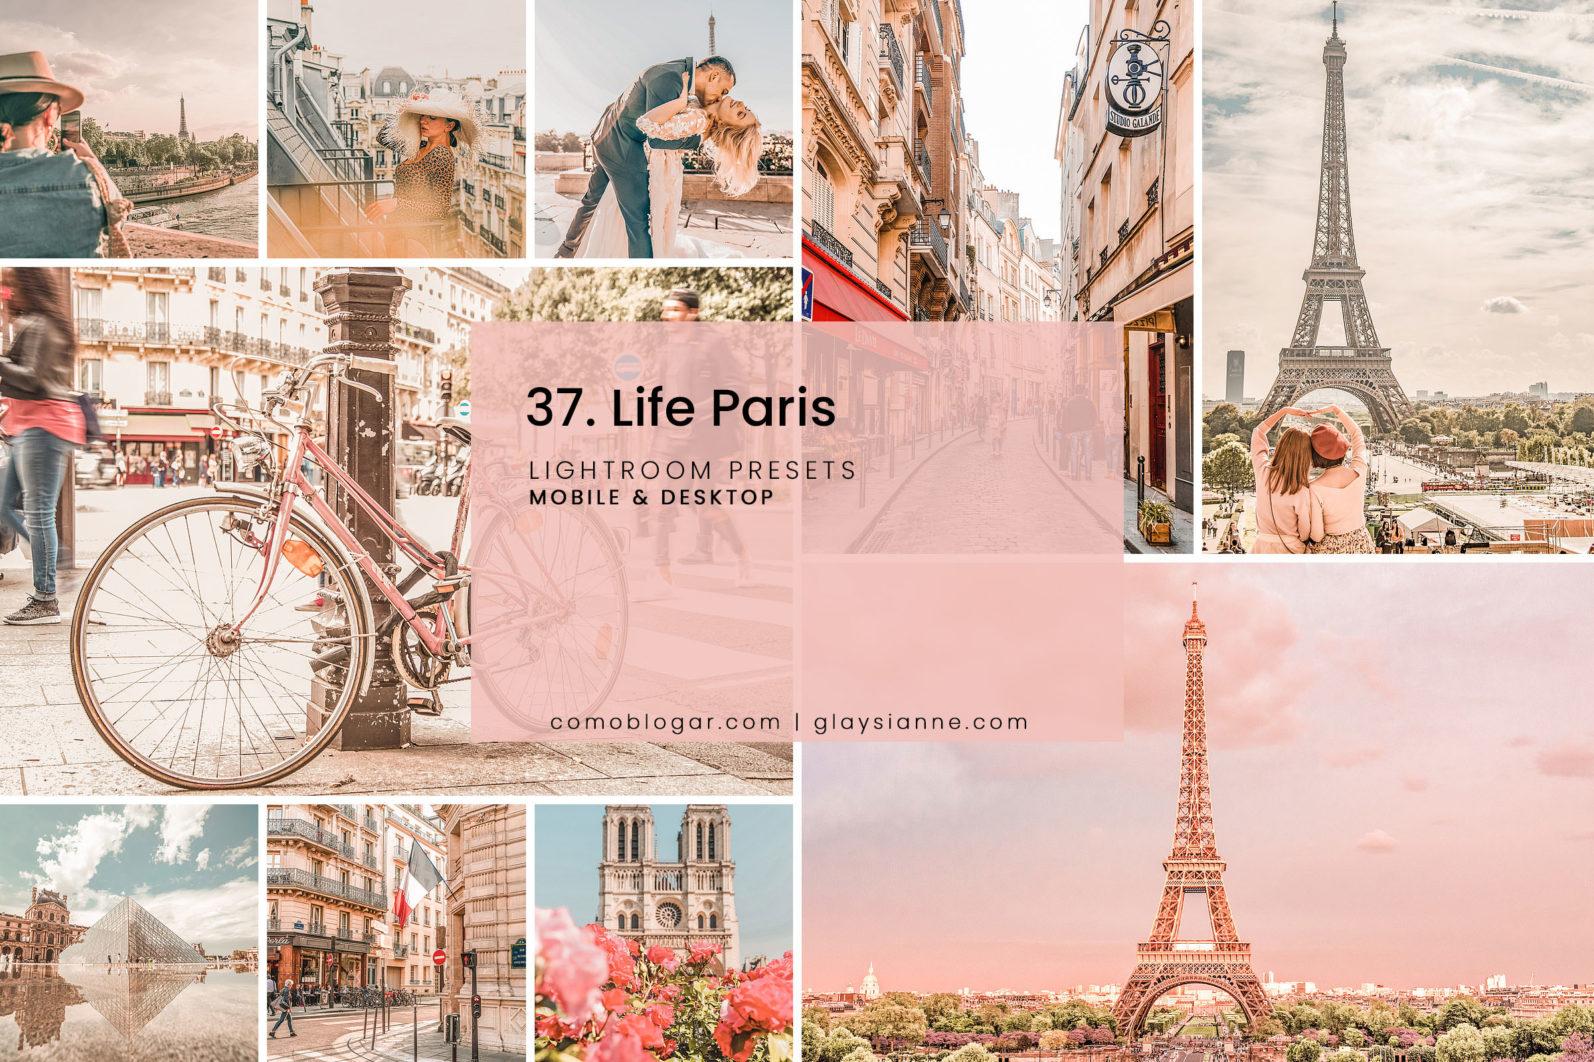 37. Life Paris - 37.LIFEPARIS 1 -